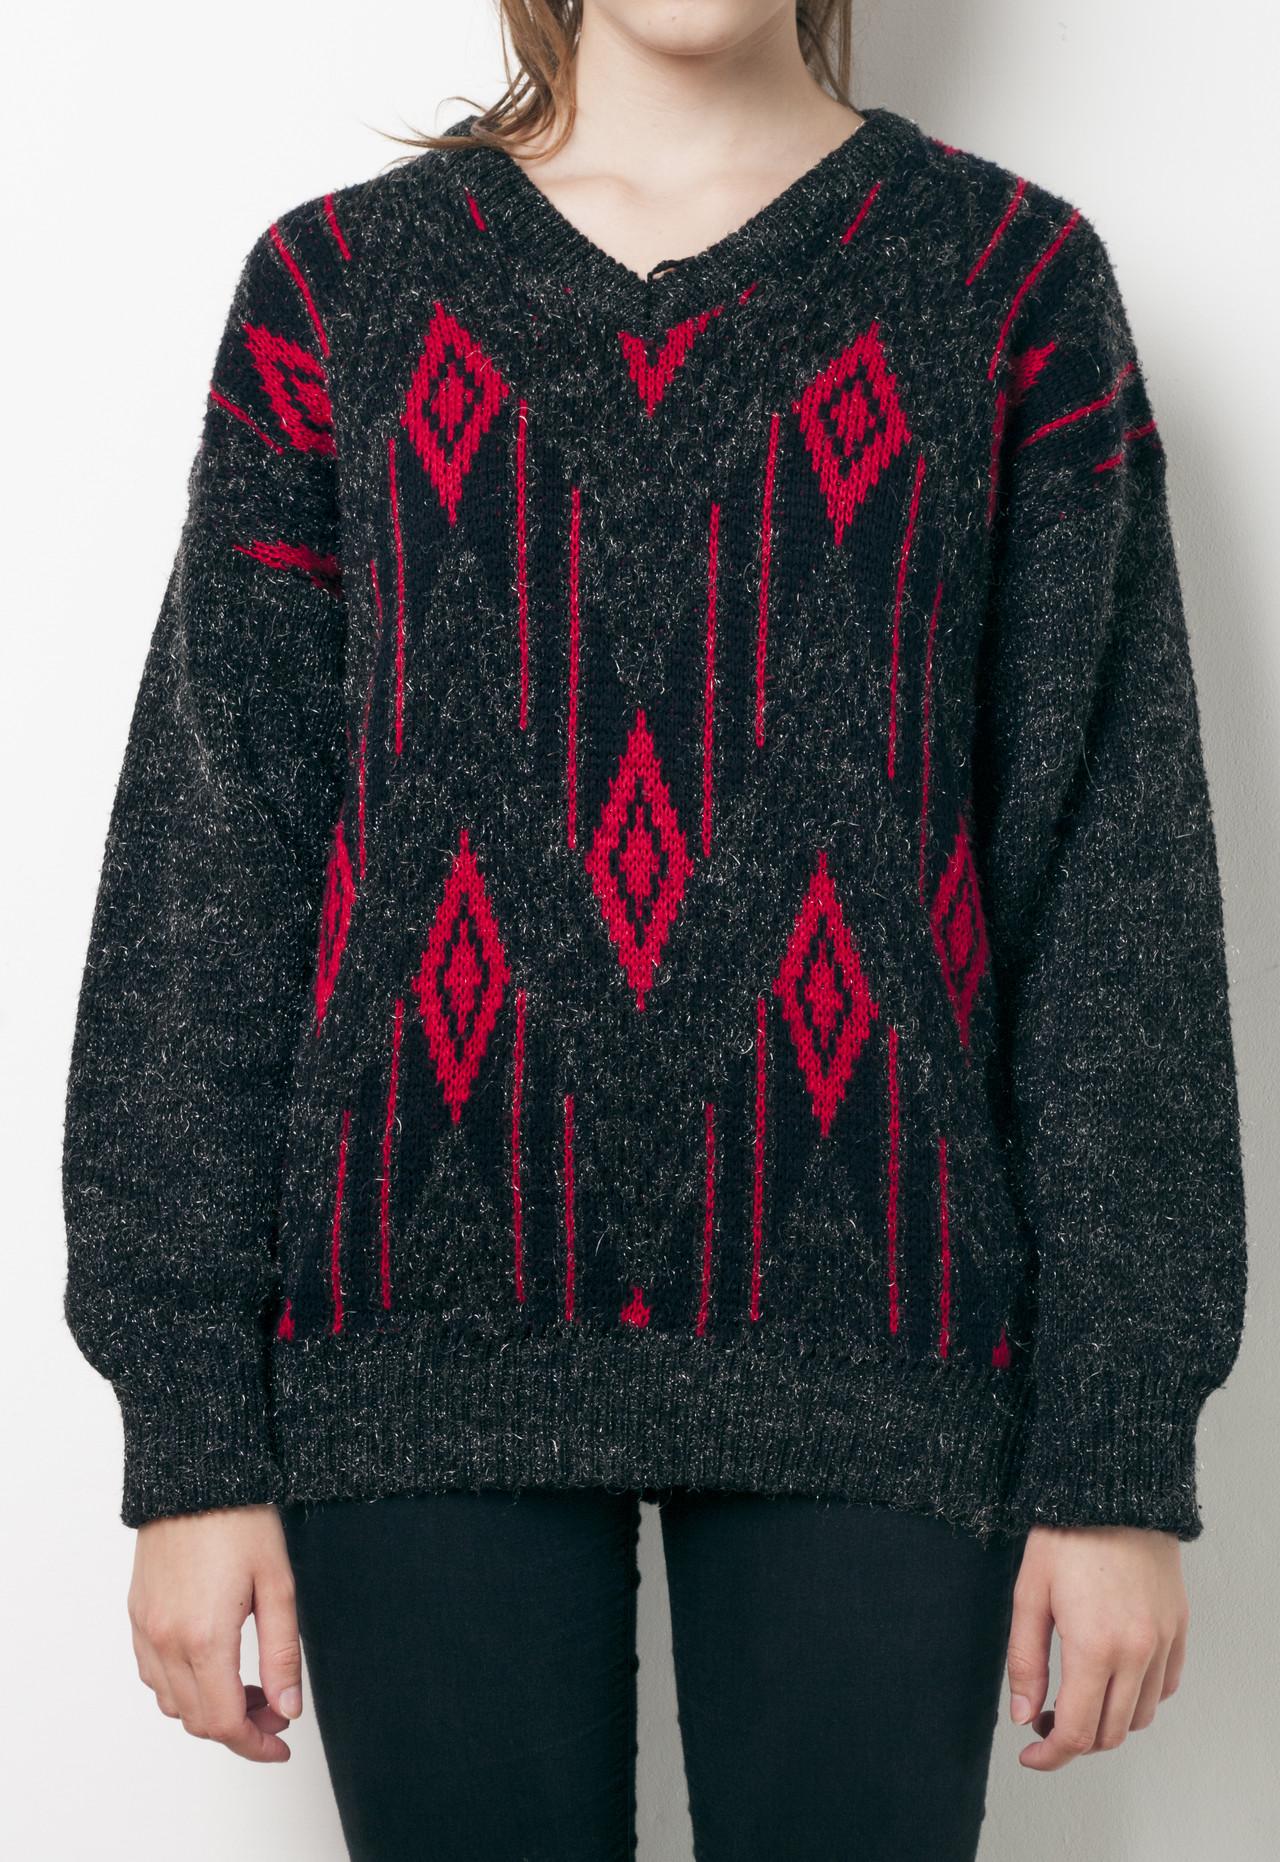 d5782f778f3df7 80s vintage red diamond knit jumper · Pop Sick · Online Store ...